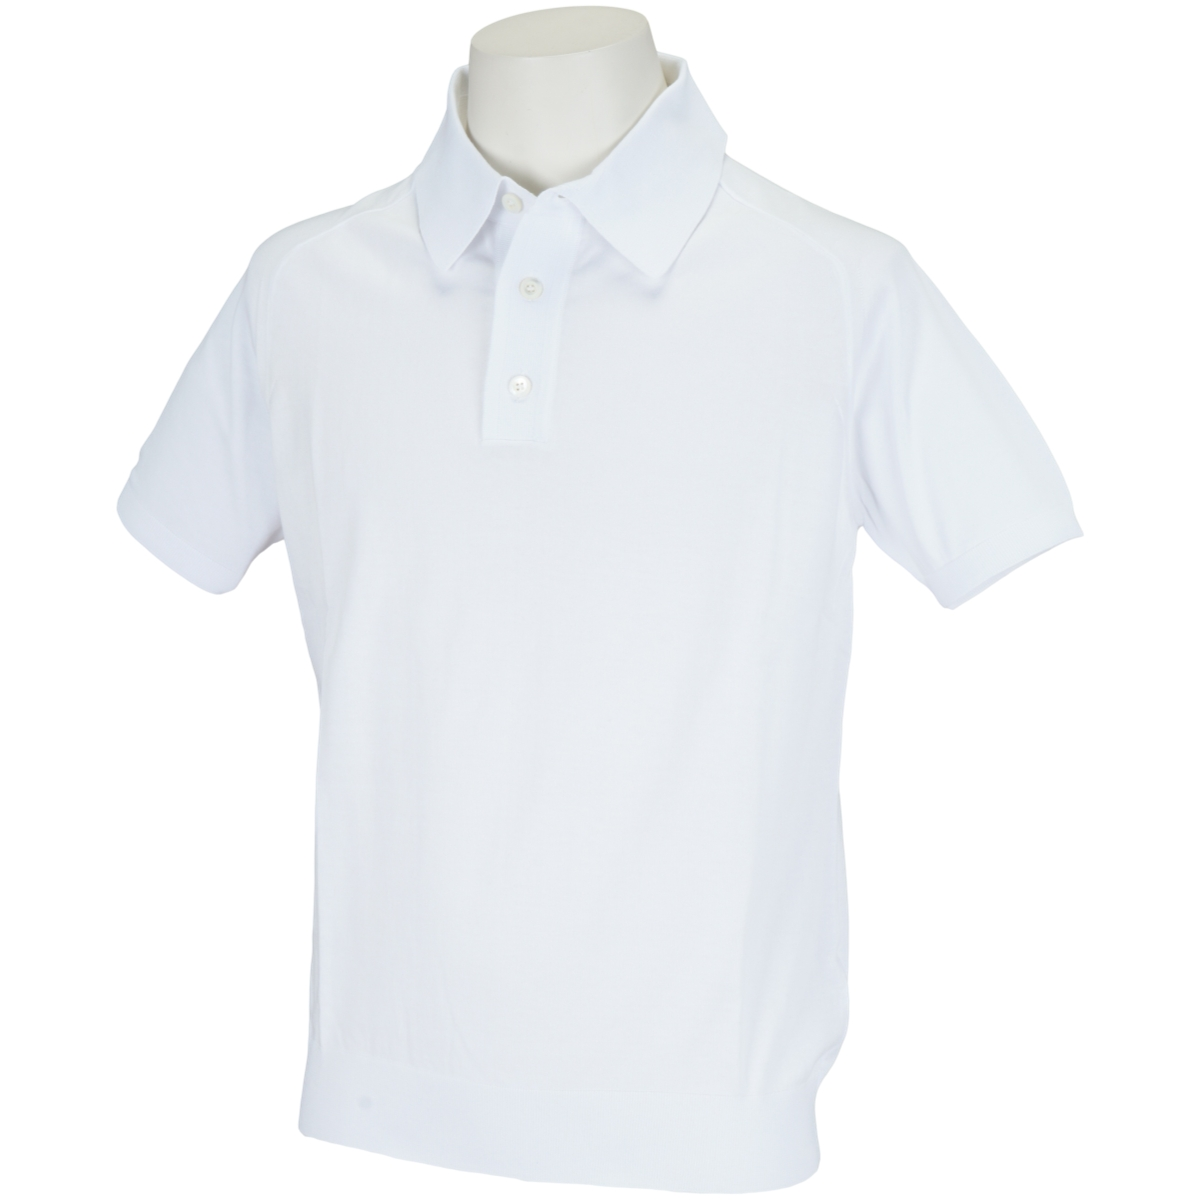 ニット半袖ポロシャツ